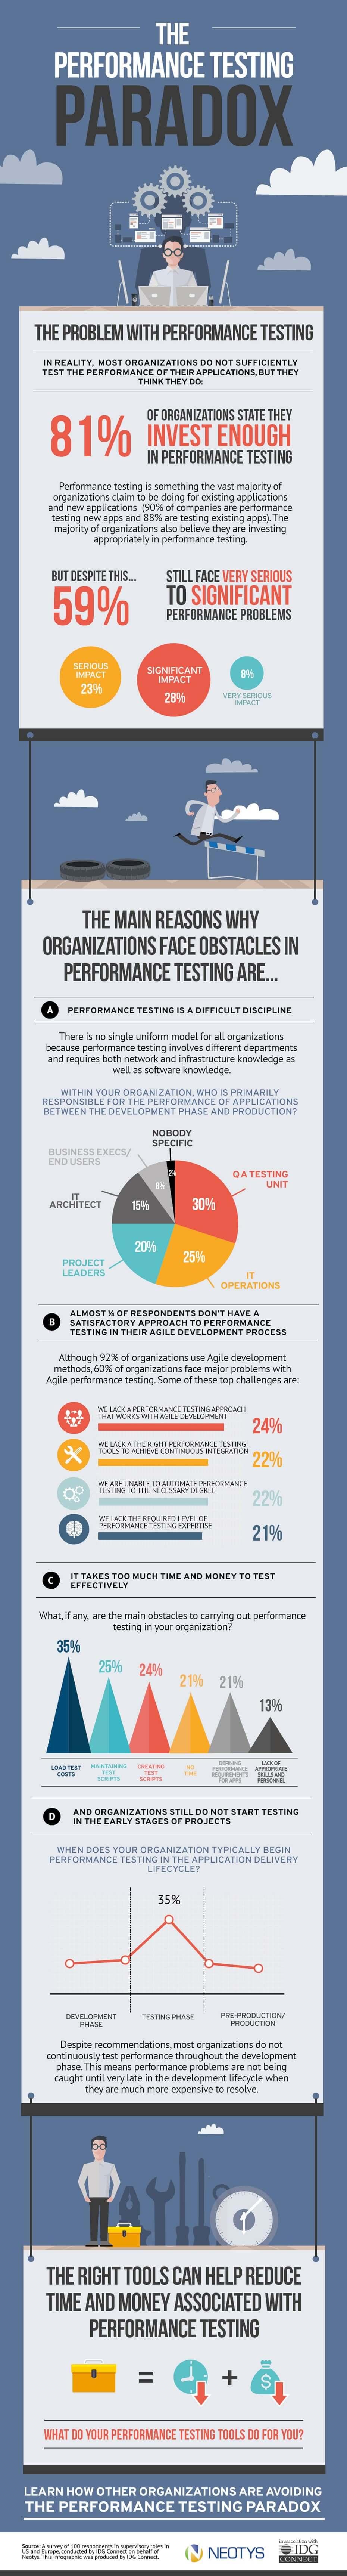 ing performance testing paradox